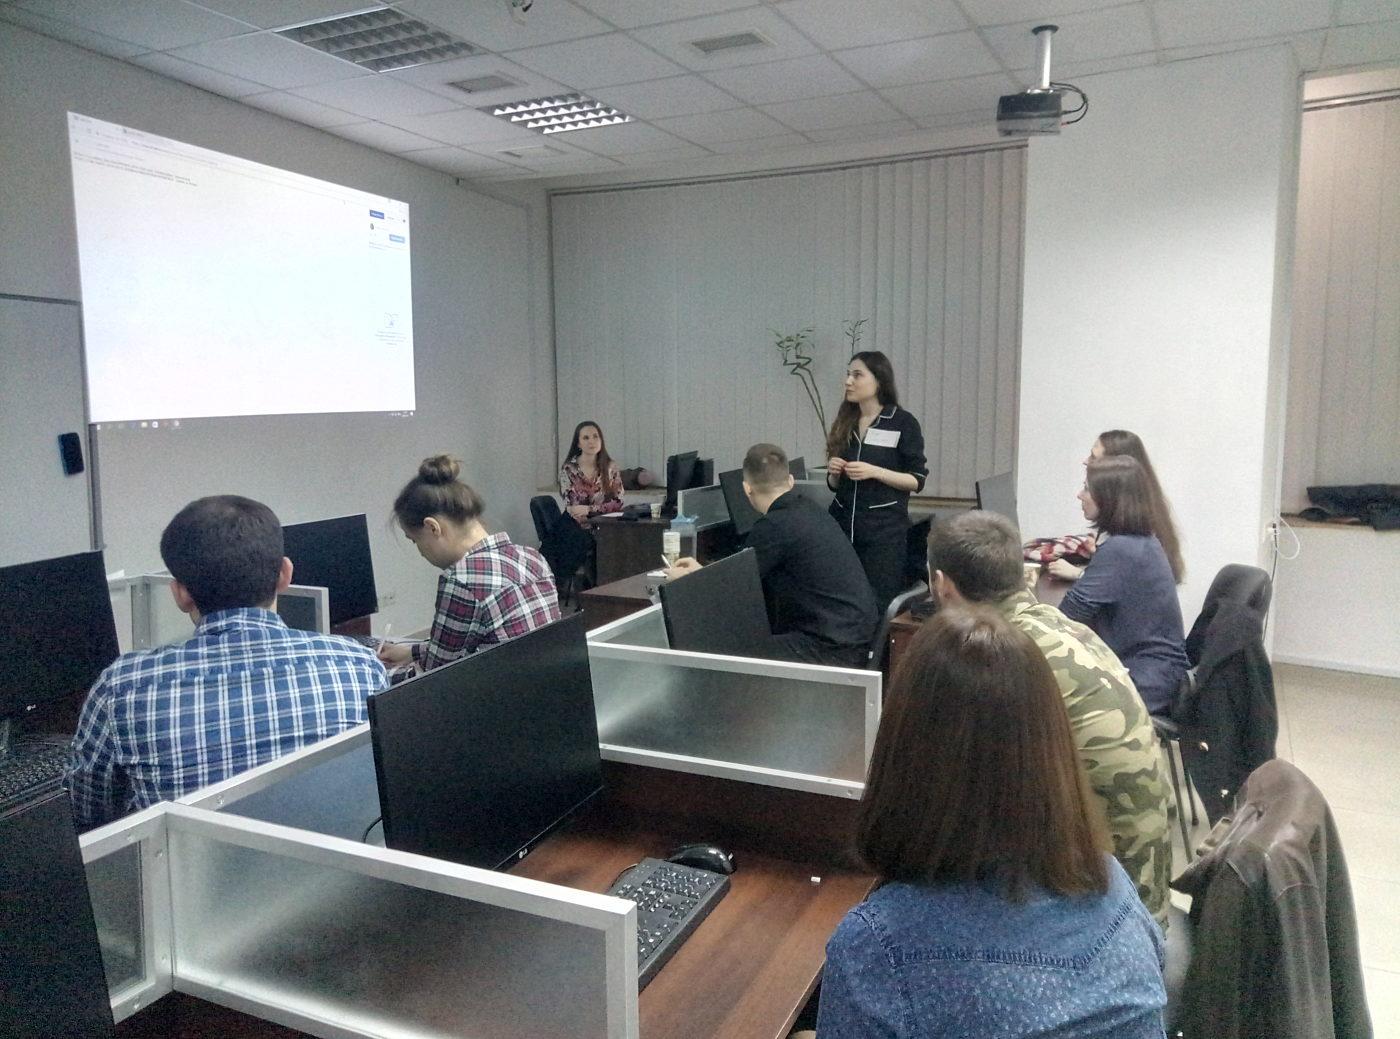 Новости школы: Лекго ли быть дизайнером? Защита проектов Студентов курса UI Design в Днепре.